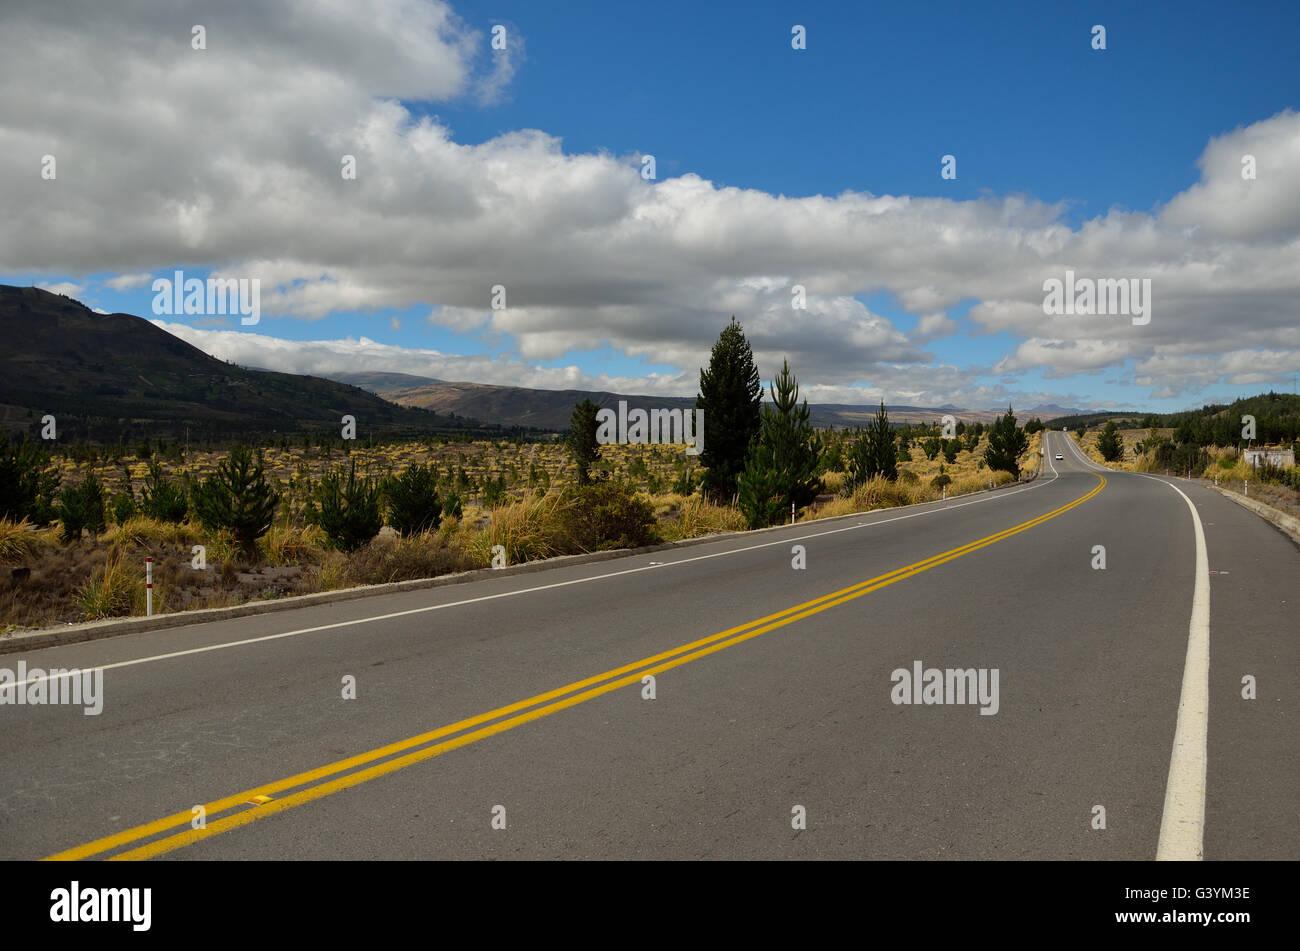 On the road in the Andean cordillera in Ecuador. Por la carretera en la cordillera de los andes en Ecuador - Stock Image